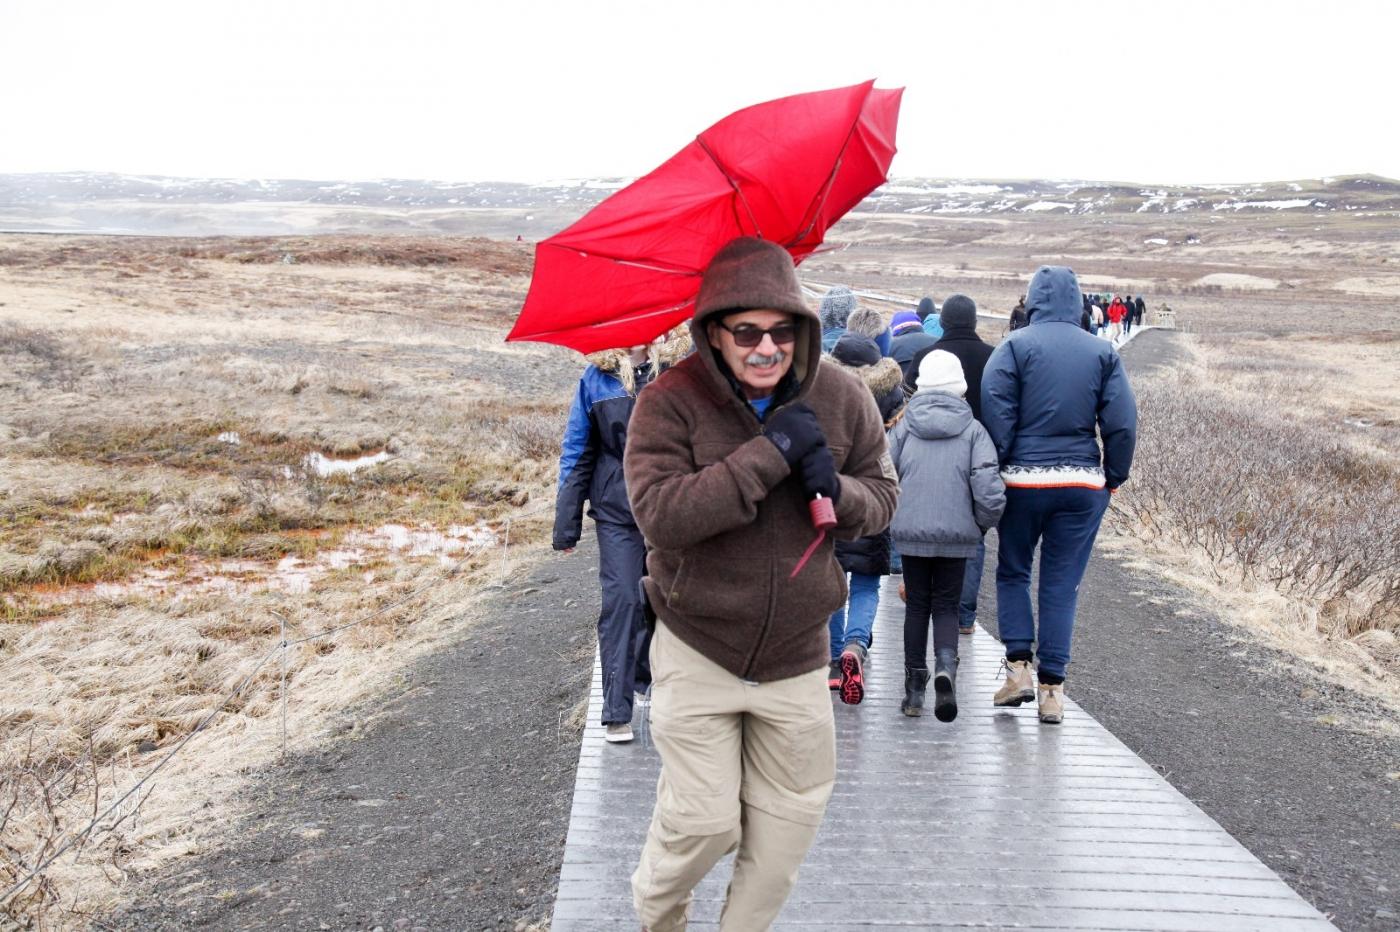 冰岛热带温泉美景,游客流连忘返_图1-2